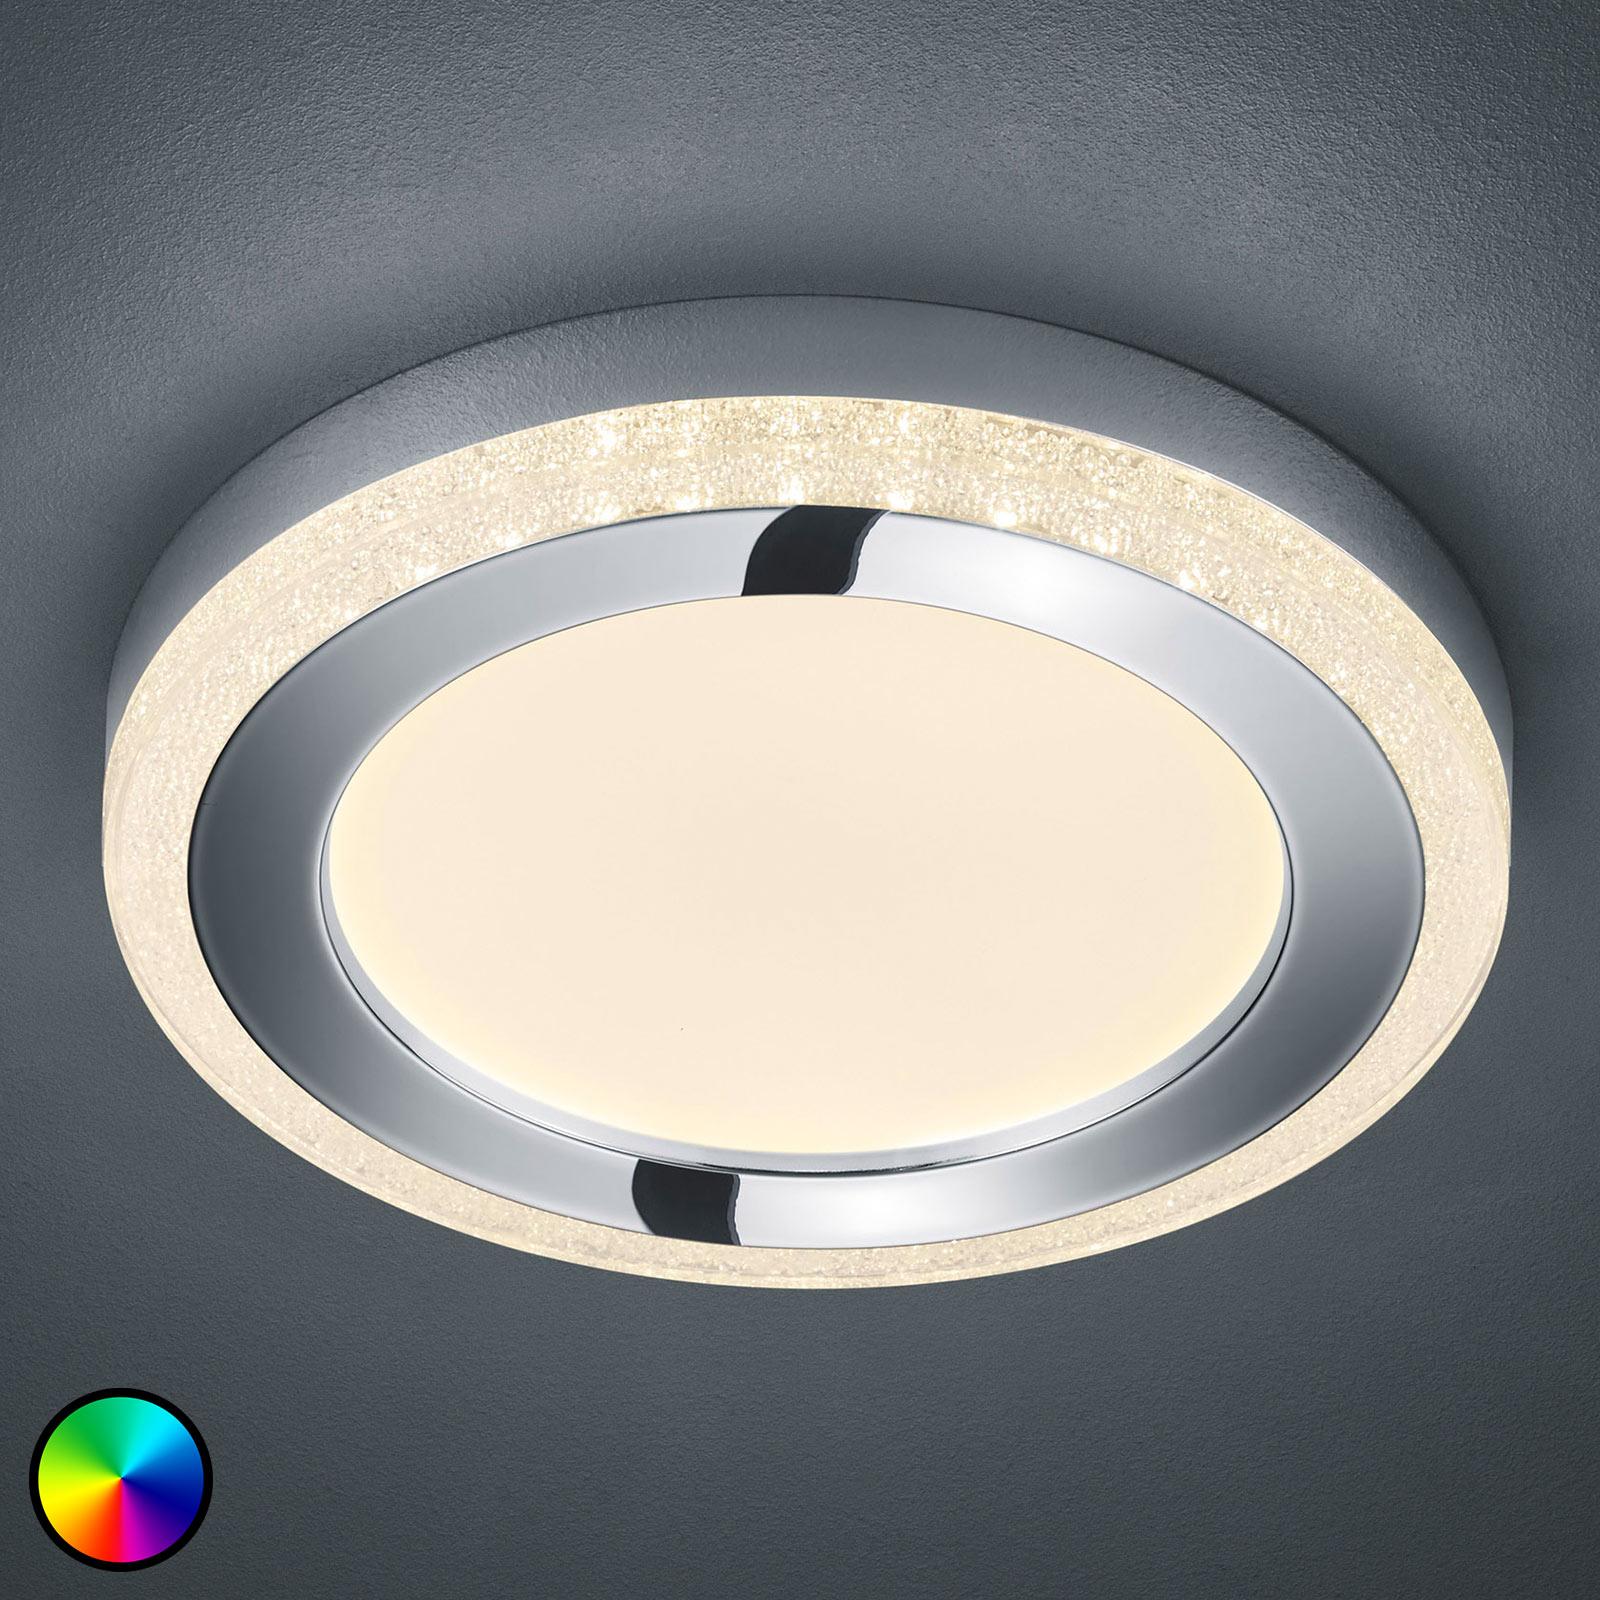 LED-kattovalaisin Slide, valkoinen, pyöreä, Ø 40cm